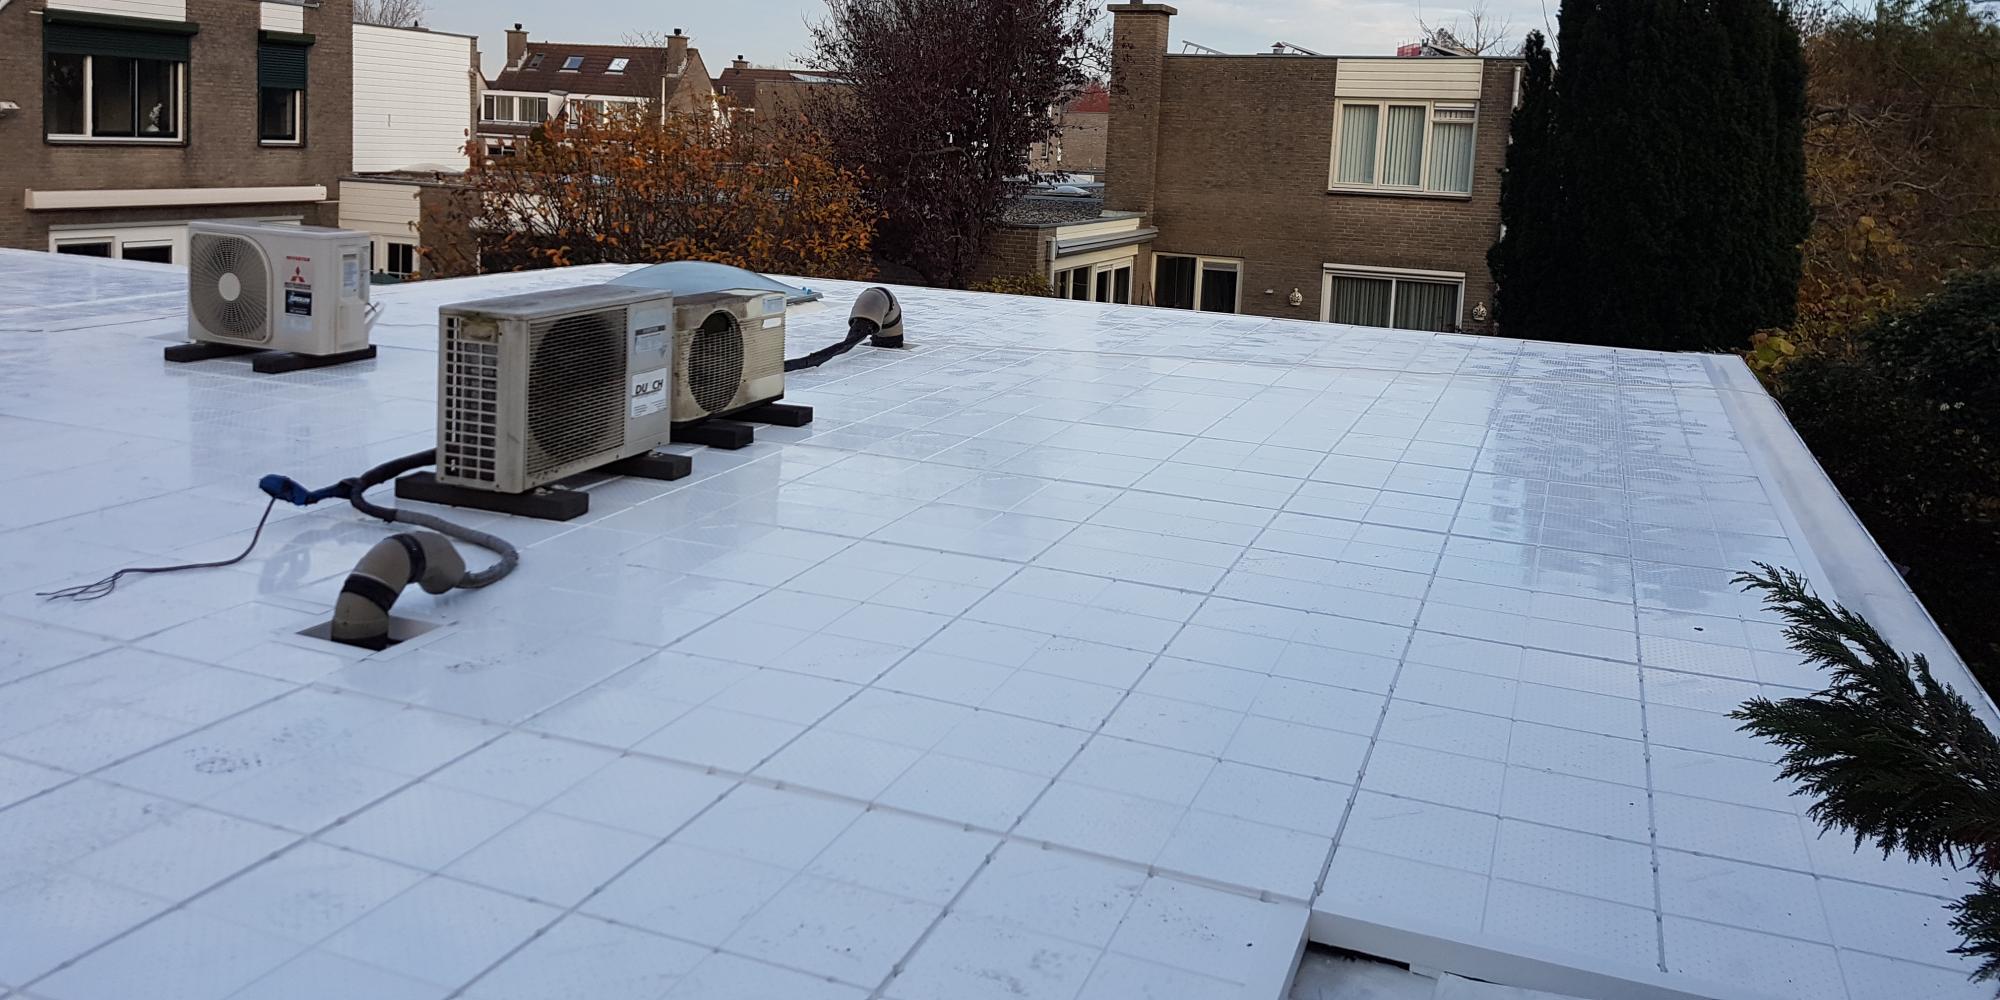 Bedrijven verduuzamen met wit dak element